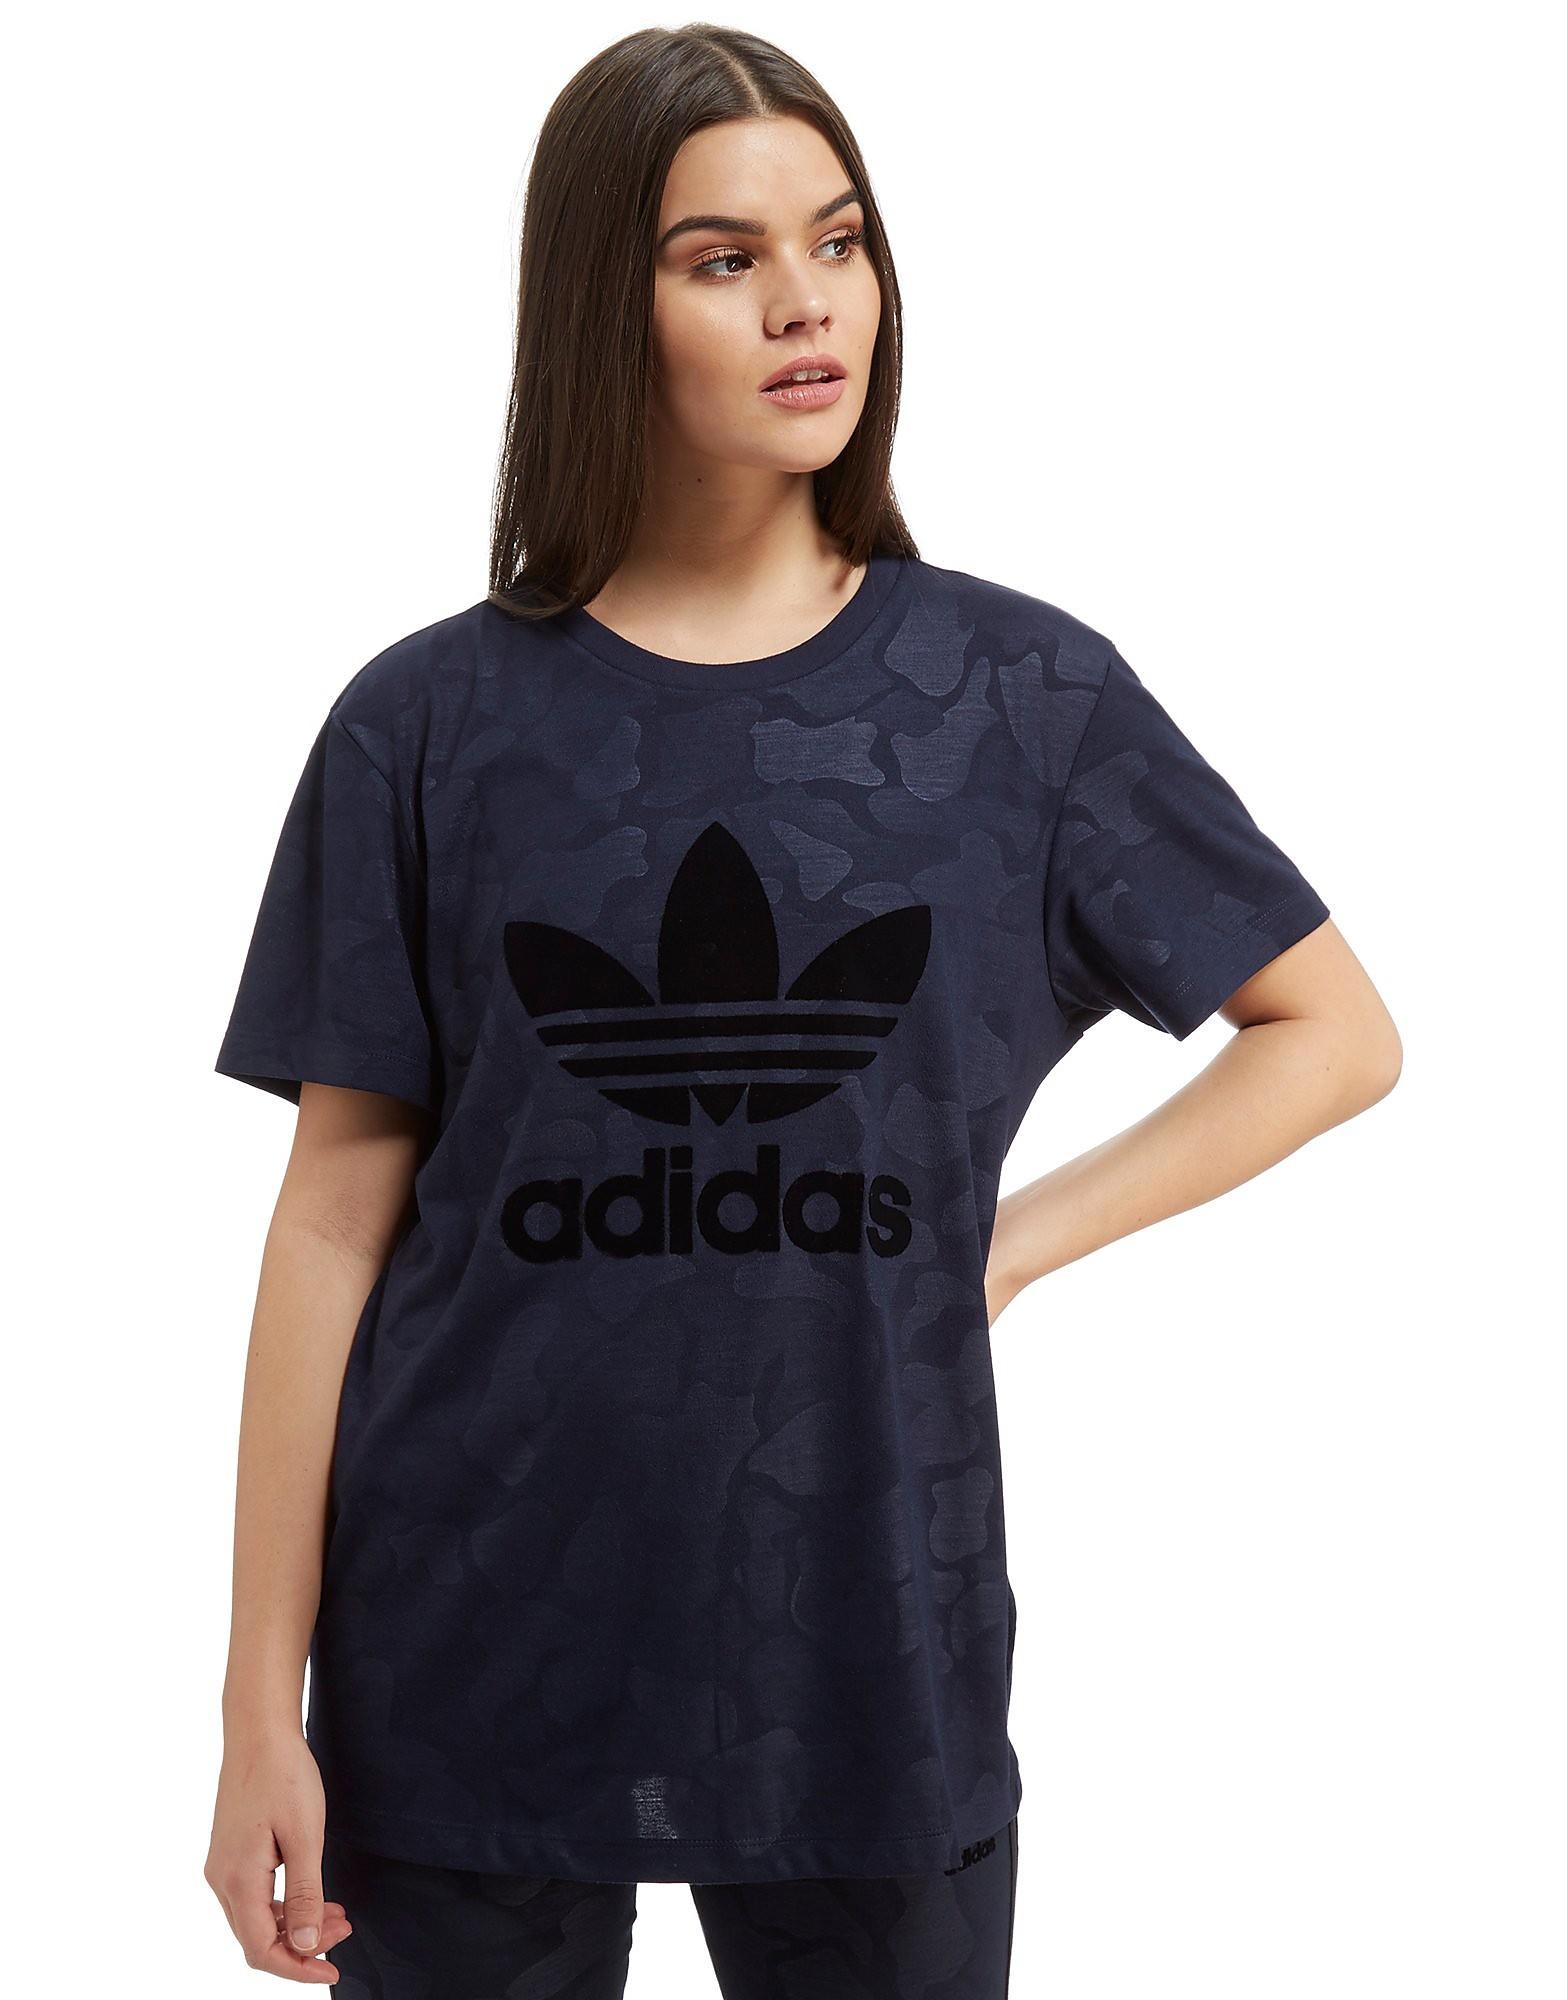 adidas Originals Camo Boyfriend T-Shirt